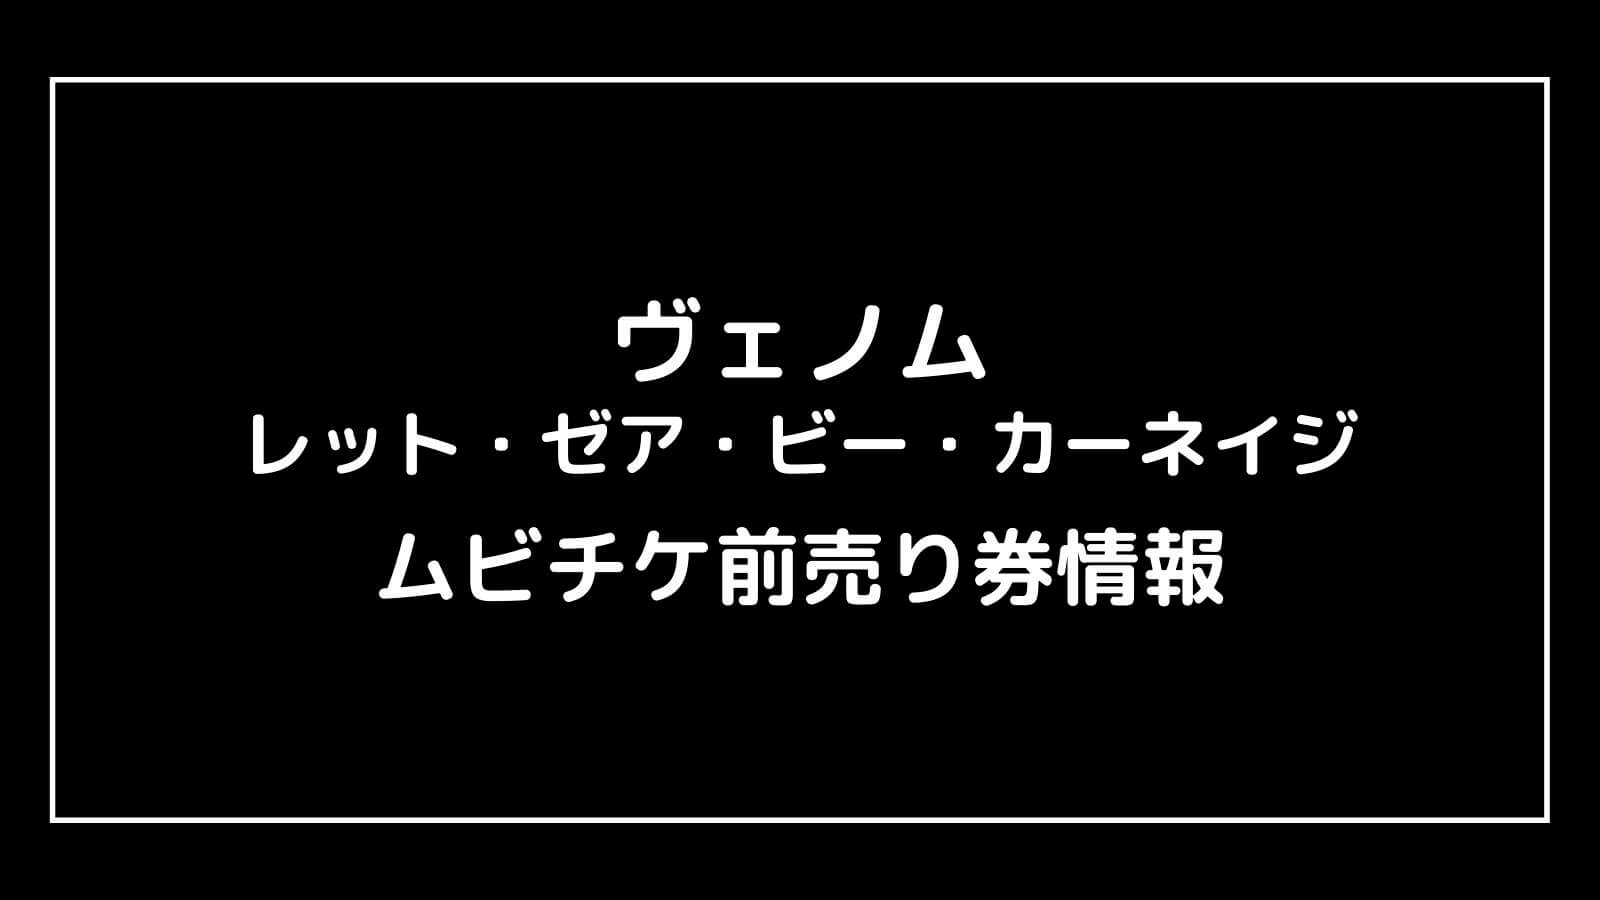 映画『ヴェノム2 レット・ゼア・ビー・カーネイジ』特典付きムビチケ前売り券情報